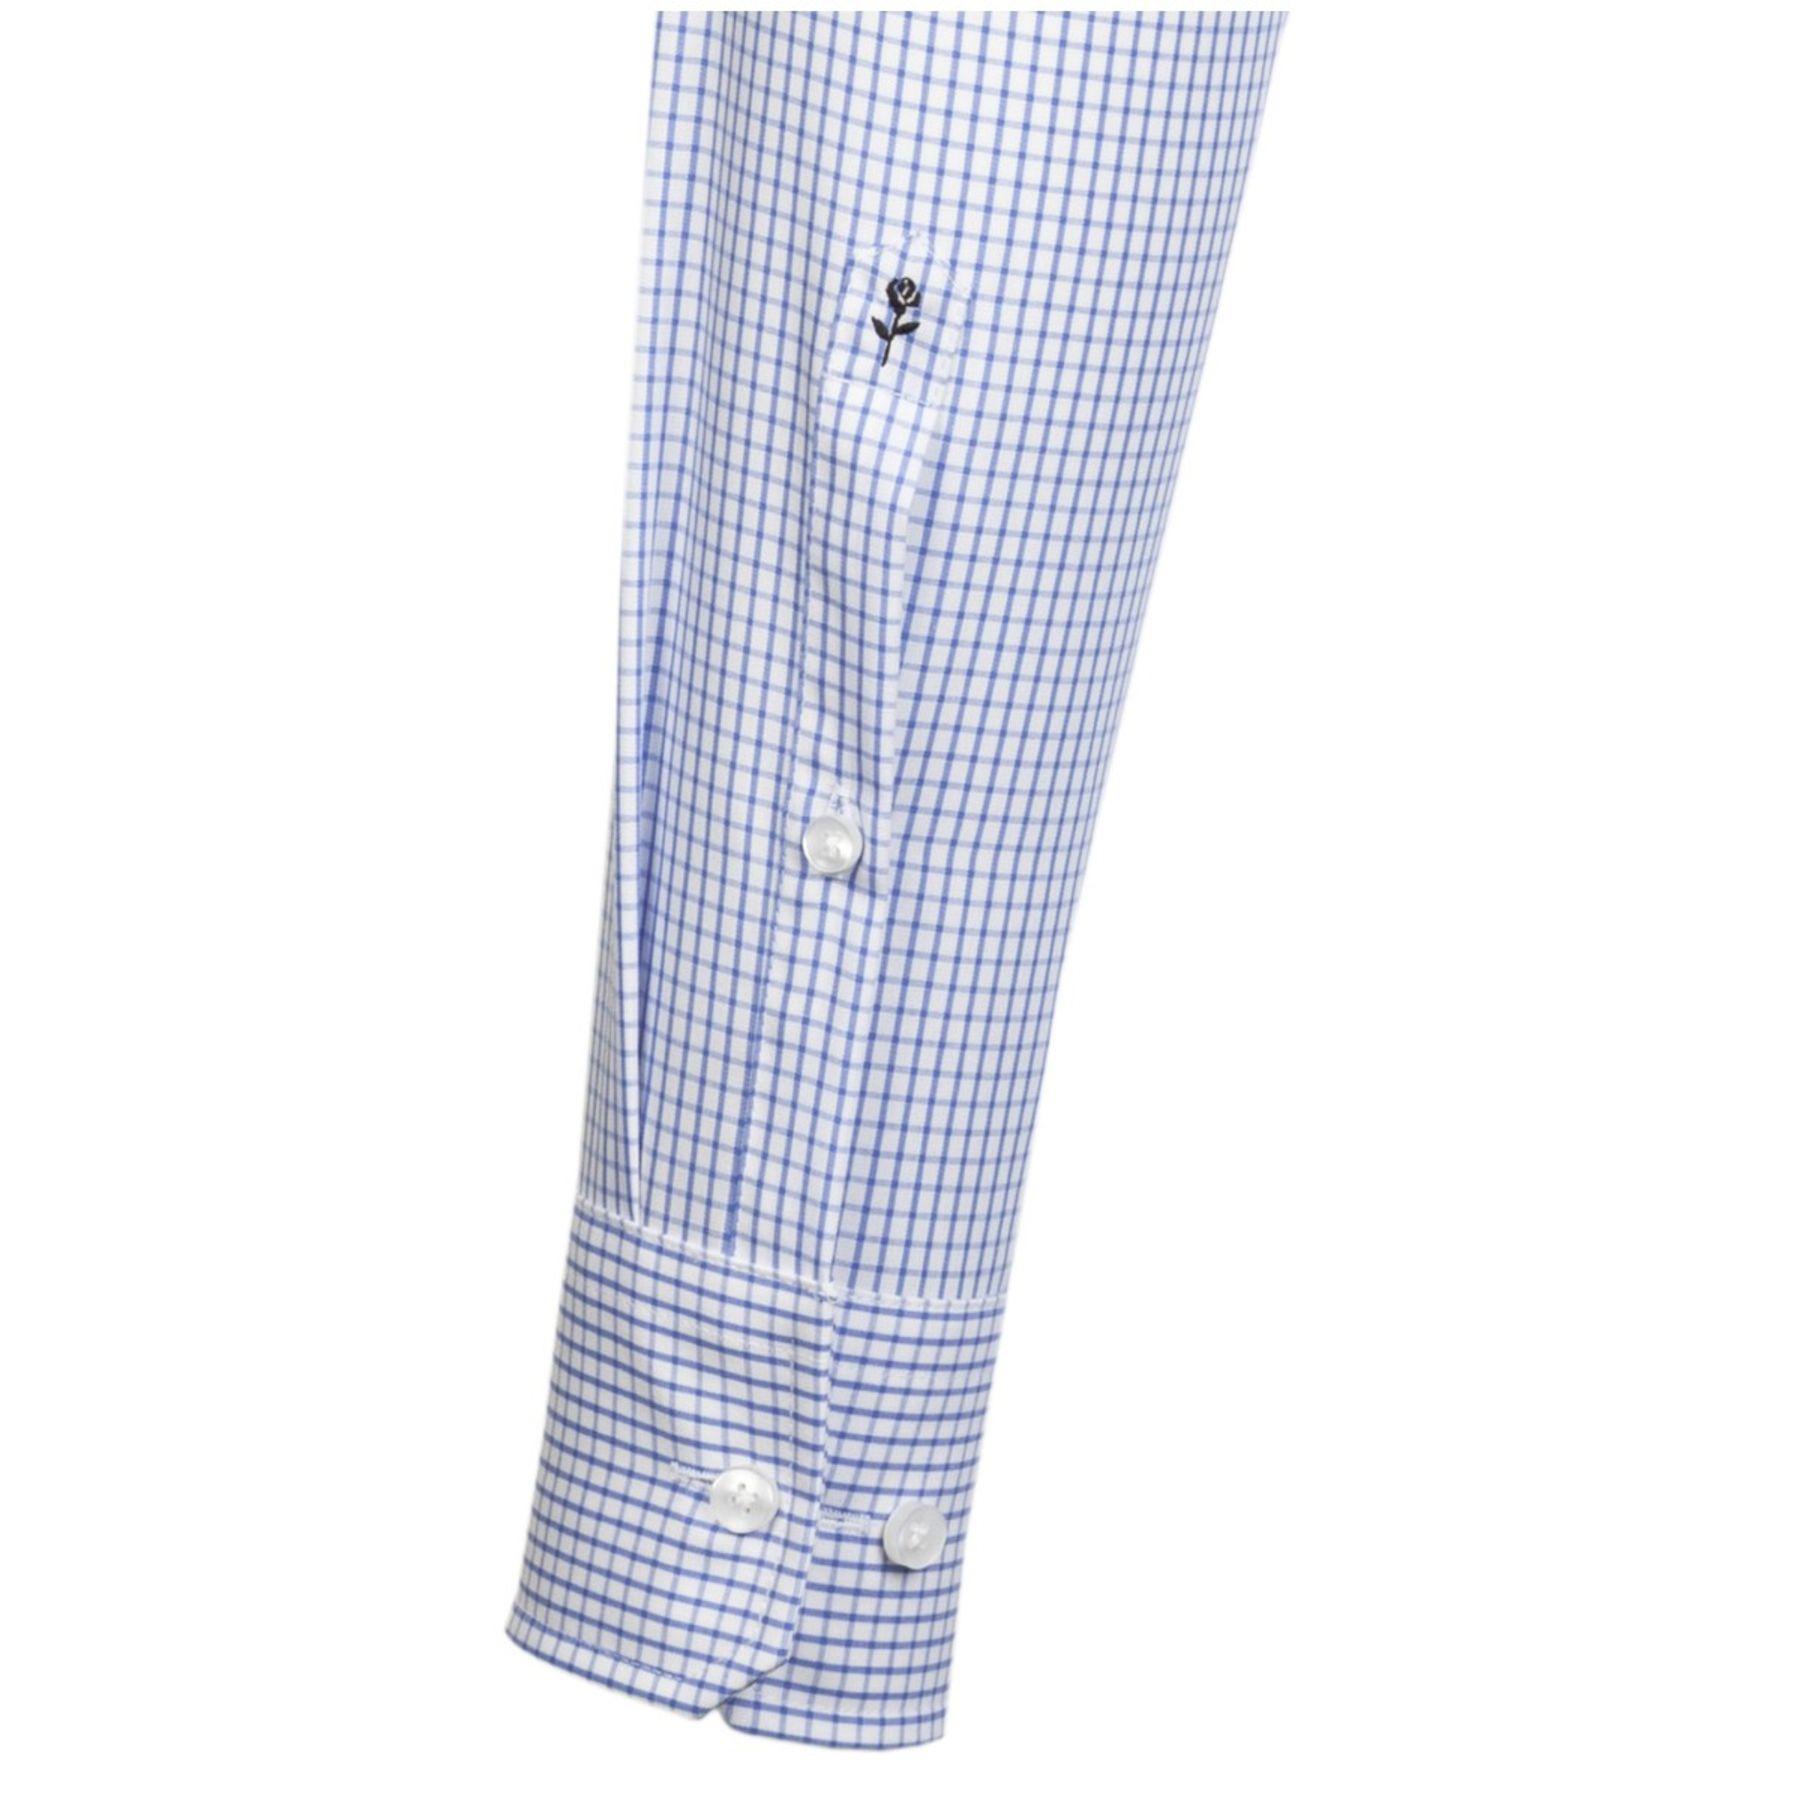 Seidensticker - Herren Hemd, Bügelfrei, Modern, Schwarze Rose mit Kent Kragen in Karo und Streifen (01.003105) – Bild 8